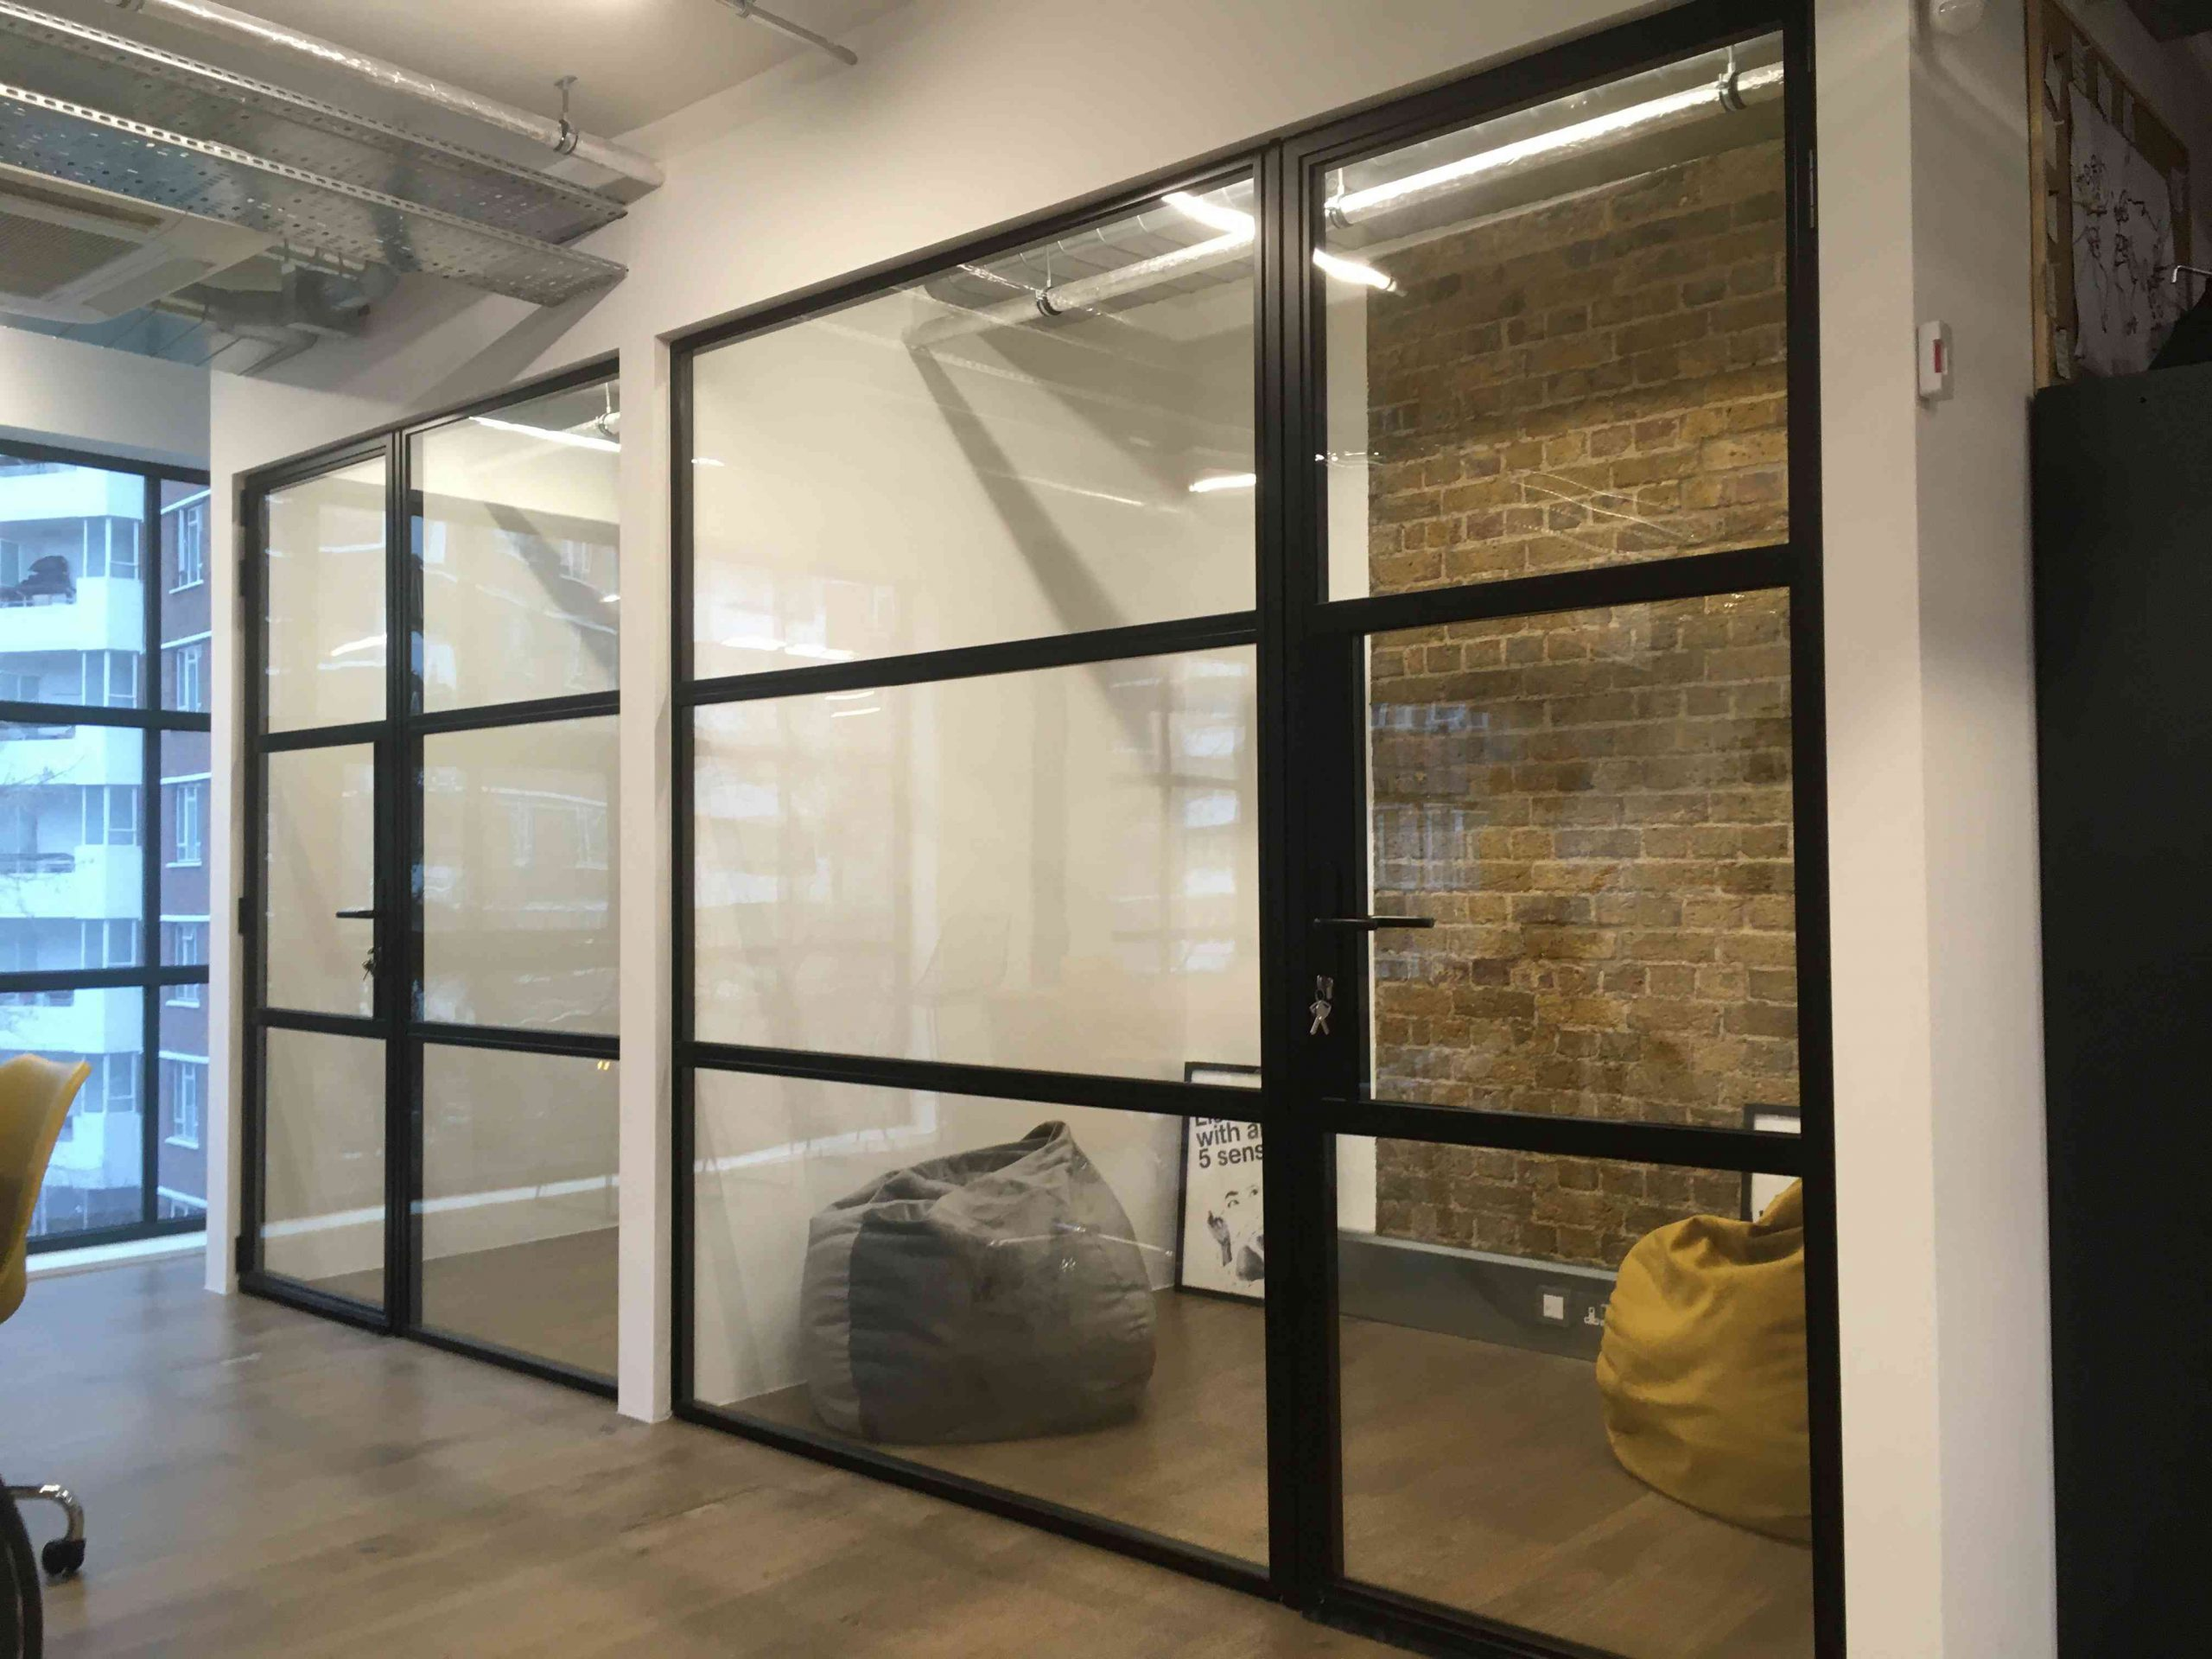 schuco-aluminium-bifold-doors-London-schuco-bifold-doors-installation-London